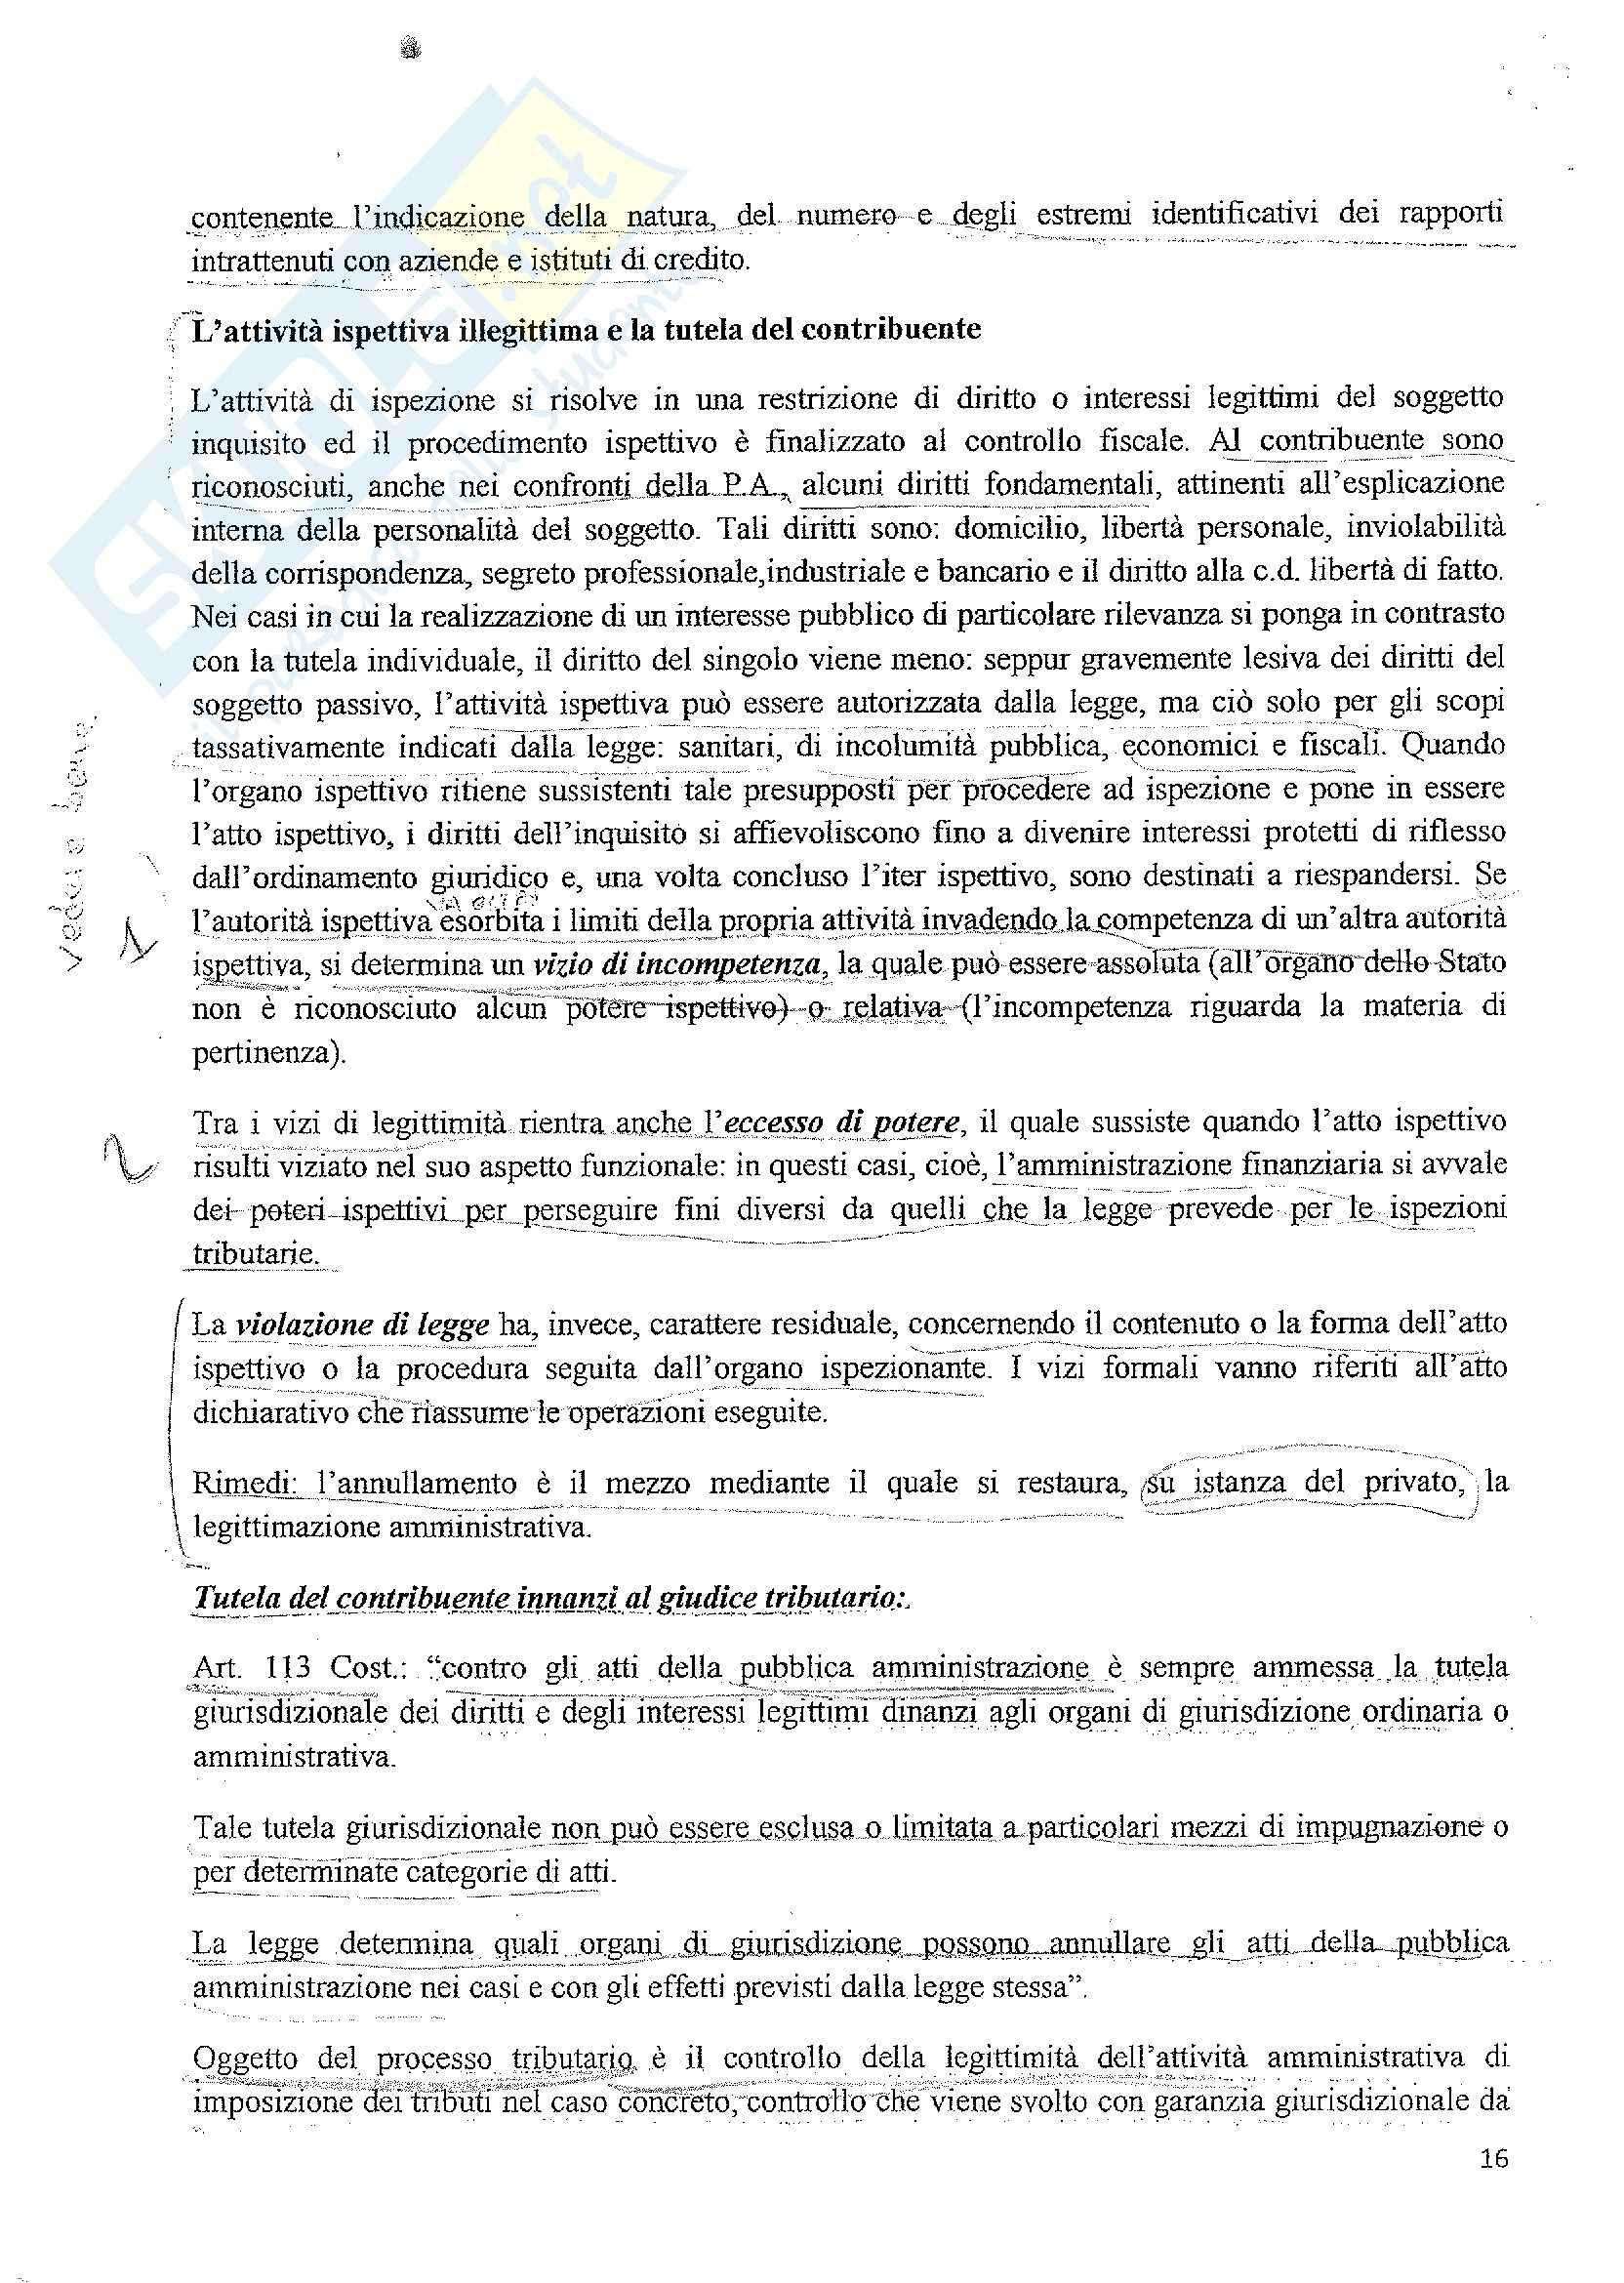 Diritto tributario - le fonti del diritto tributario Pag. 16